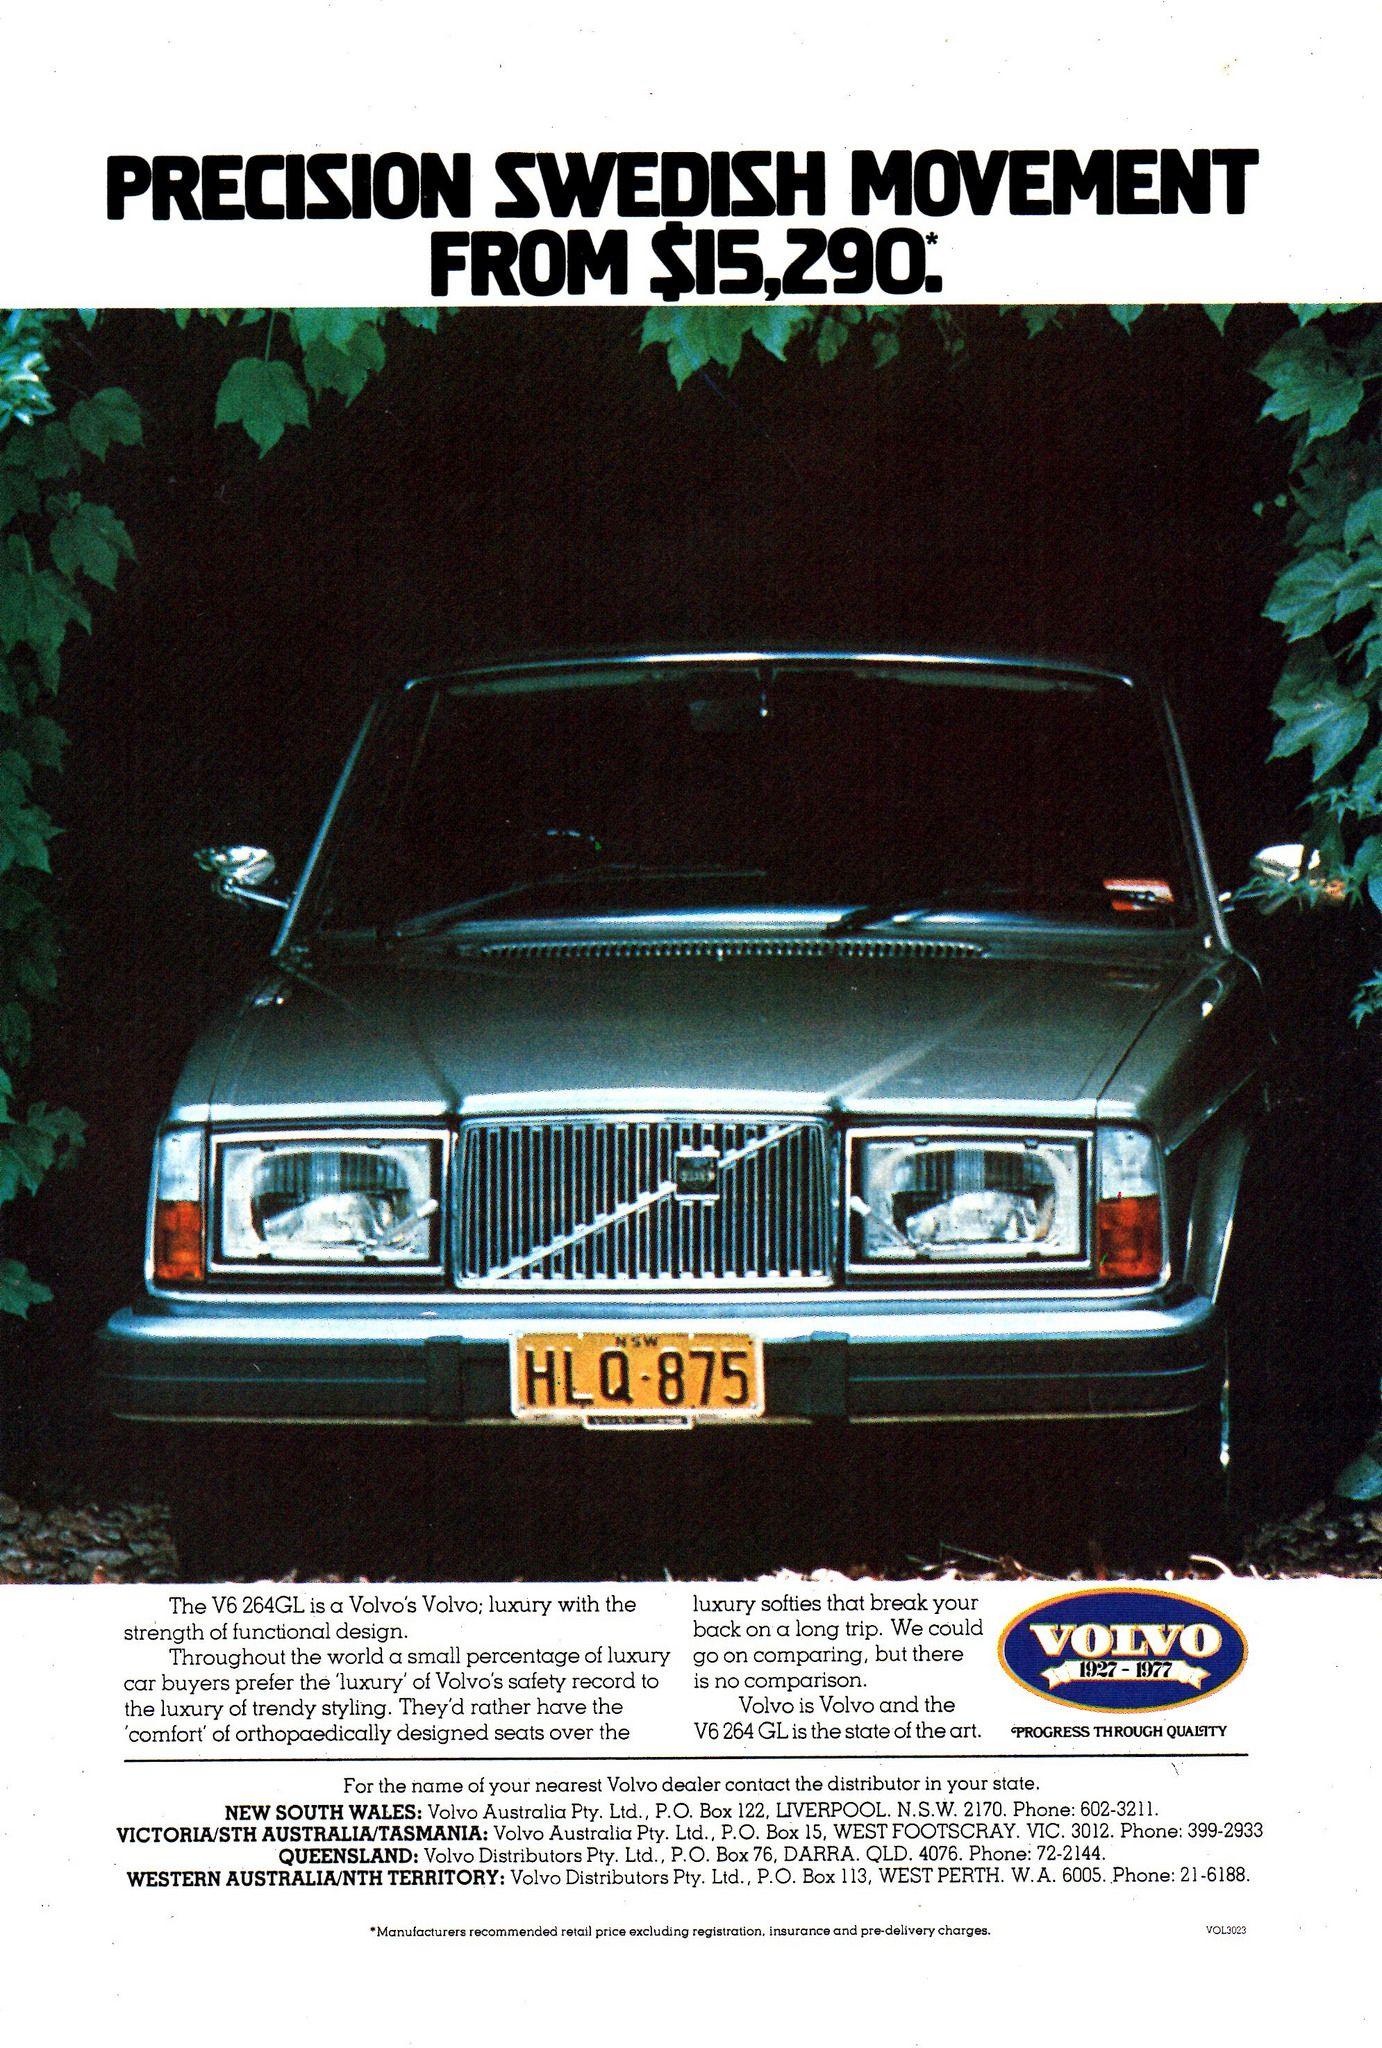 1977 Volvo 264 Gl V6 Aussie Original Magazine Advertisement